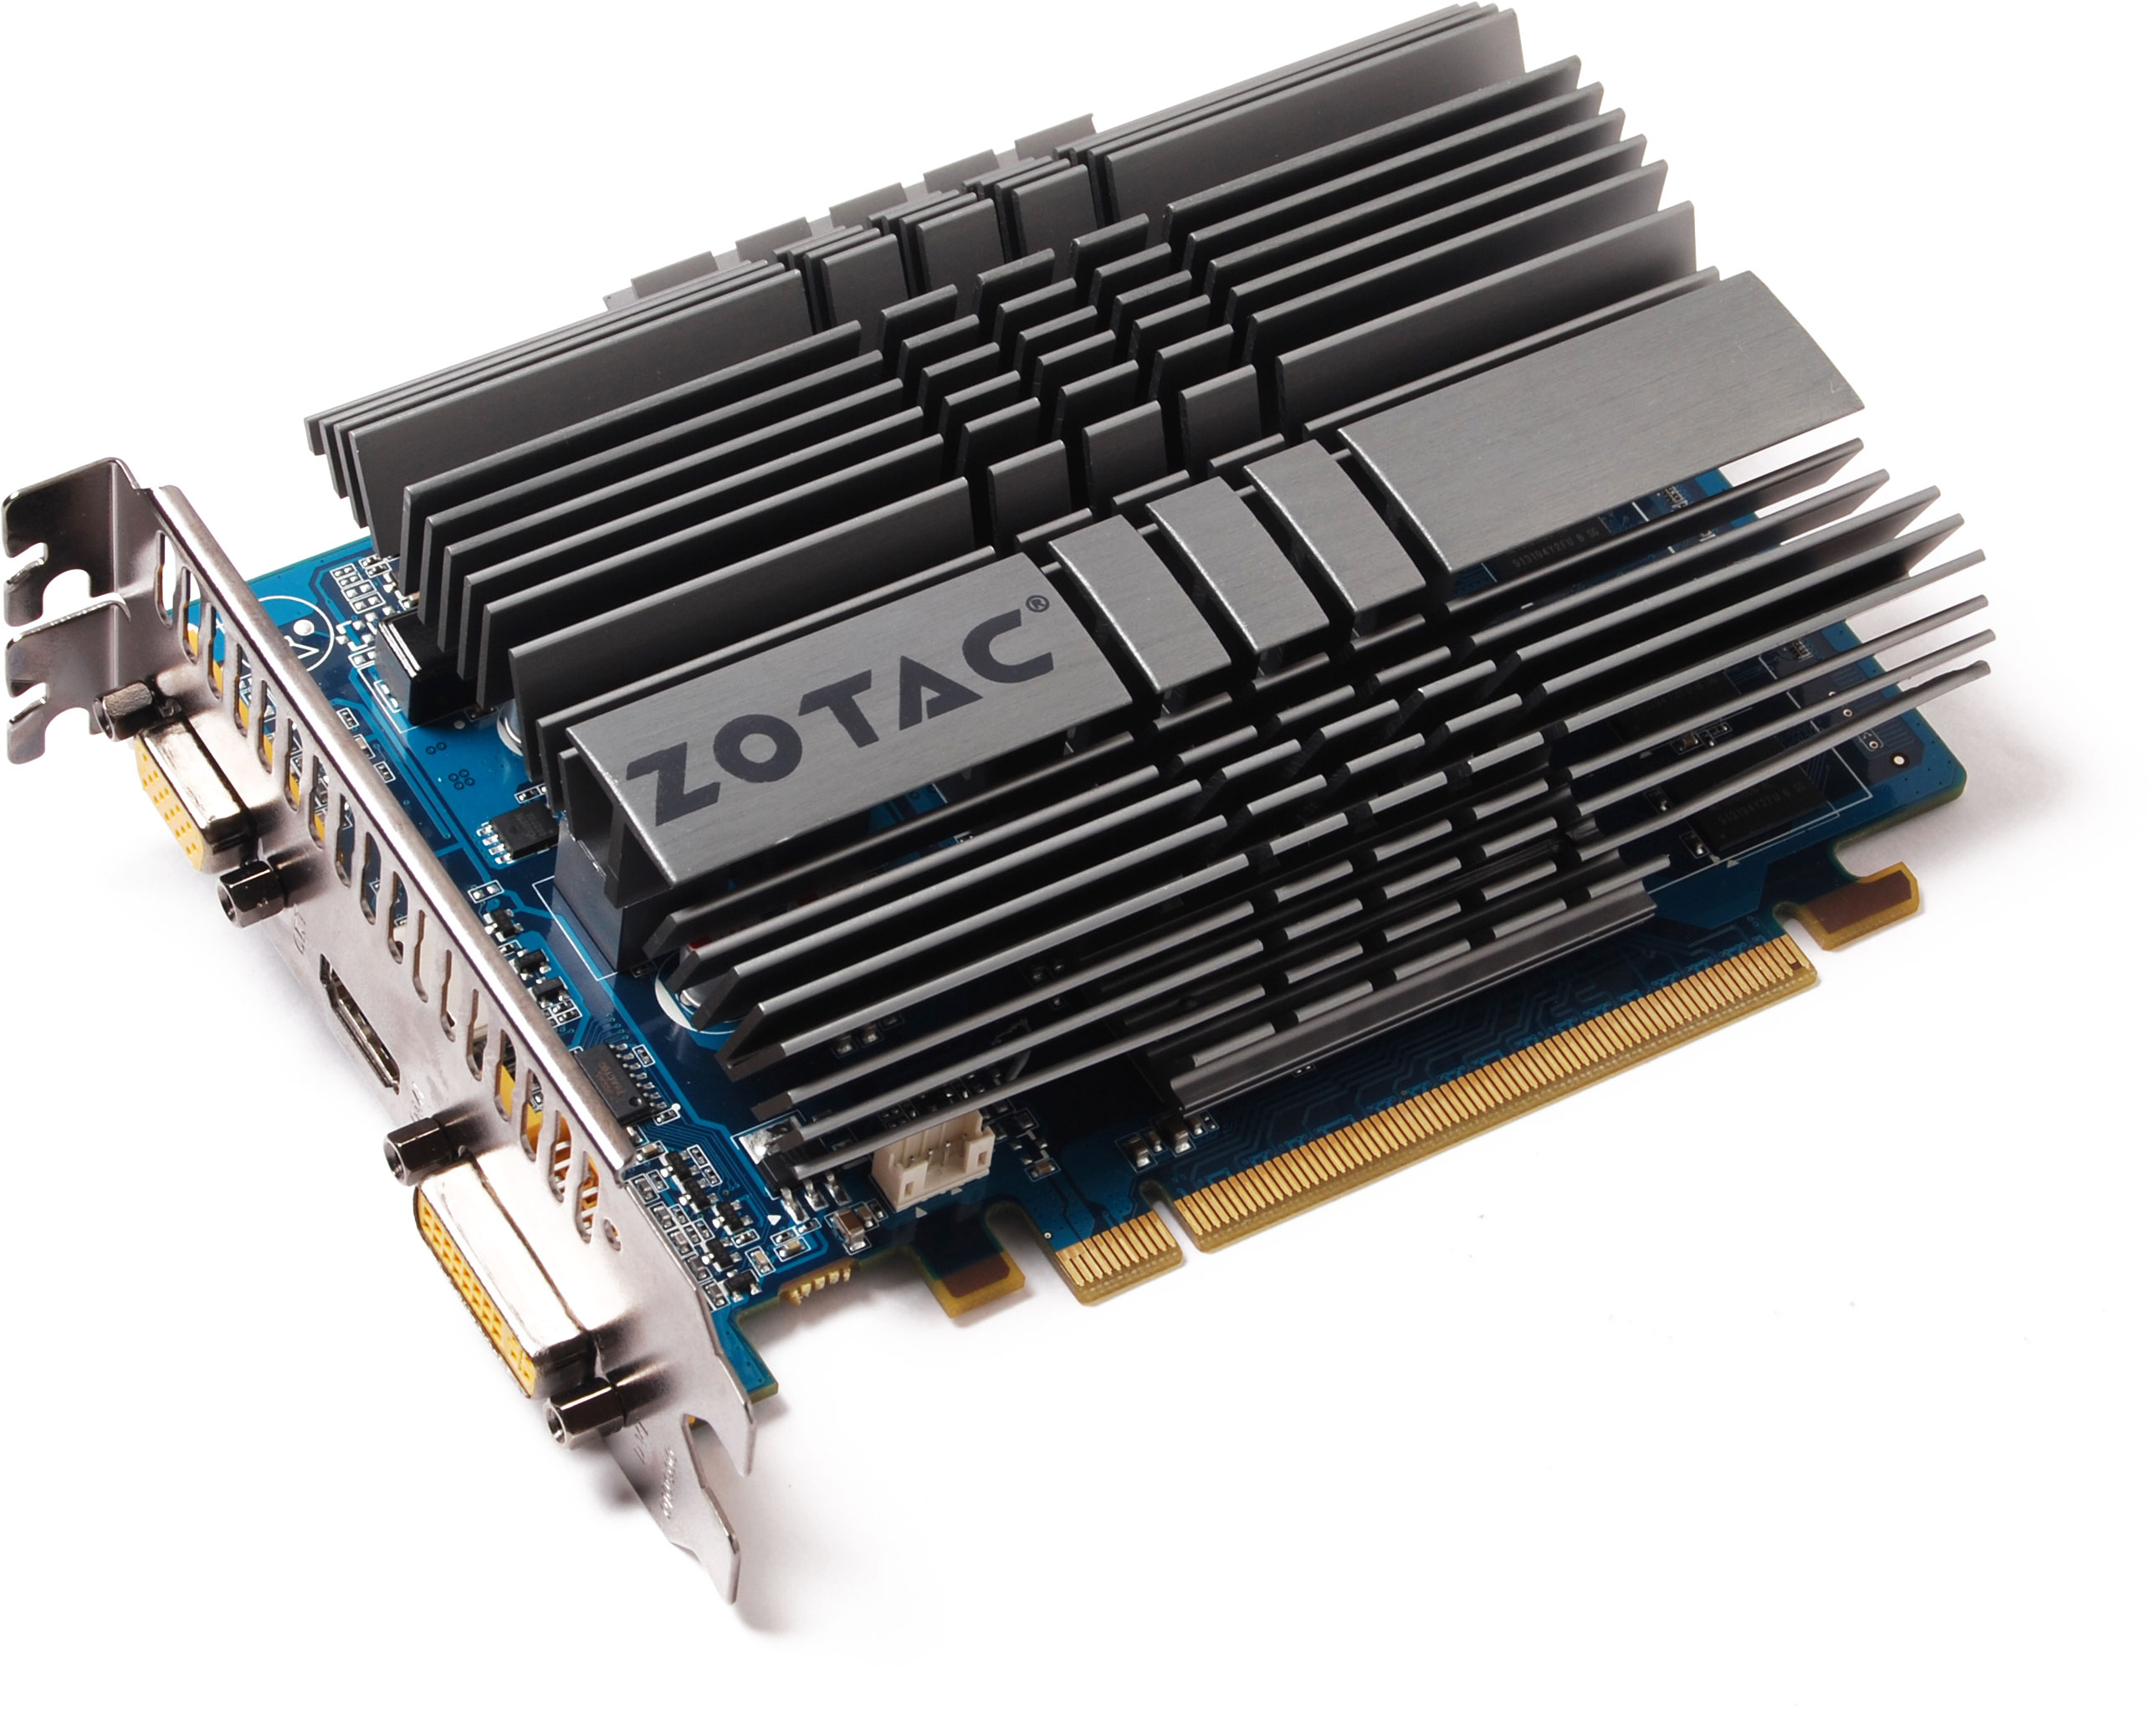 Драйвера для nvidia gt 220 скачать